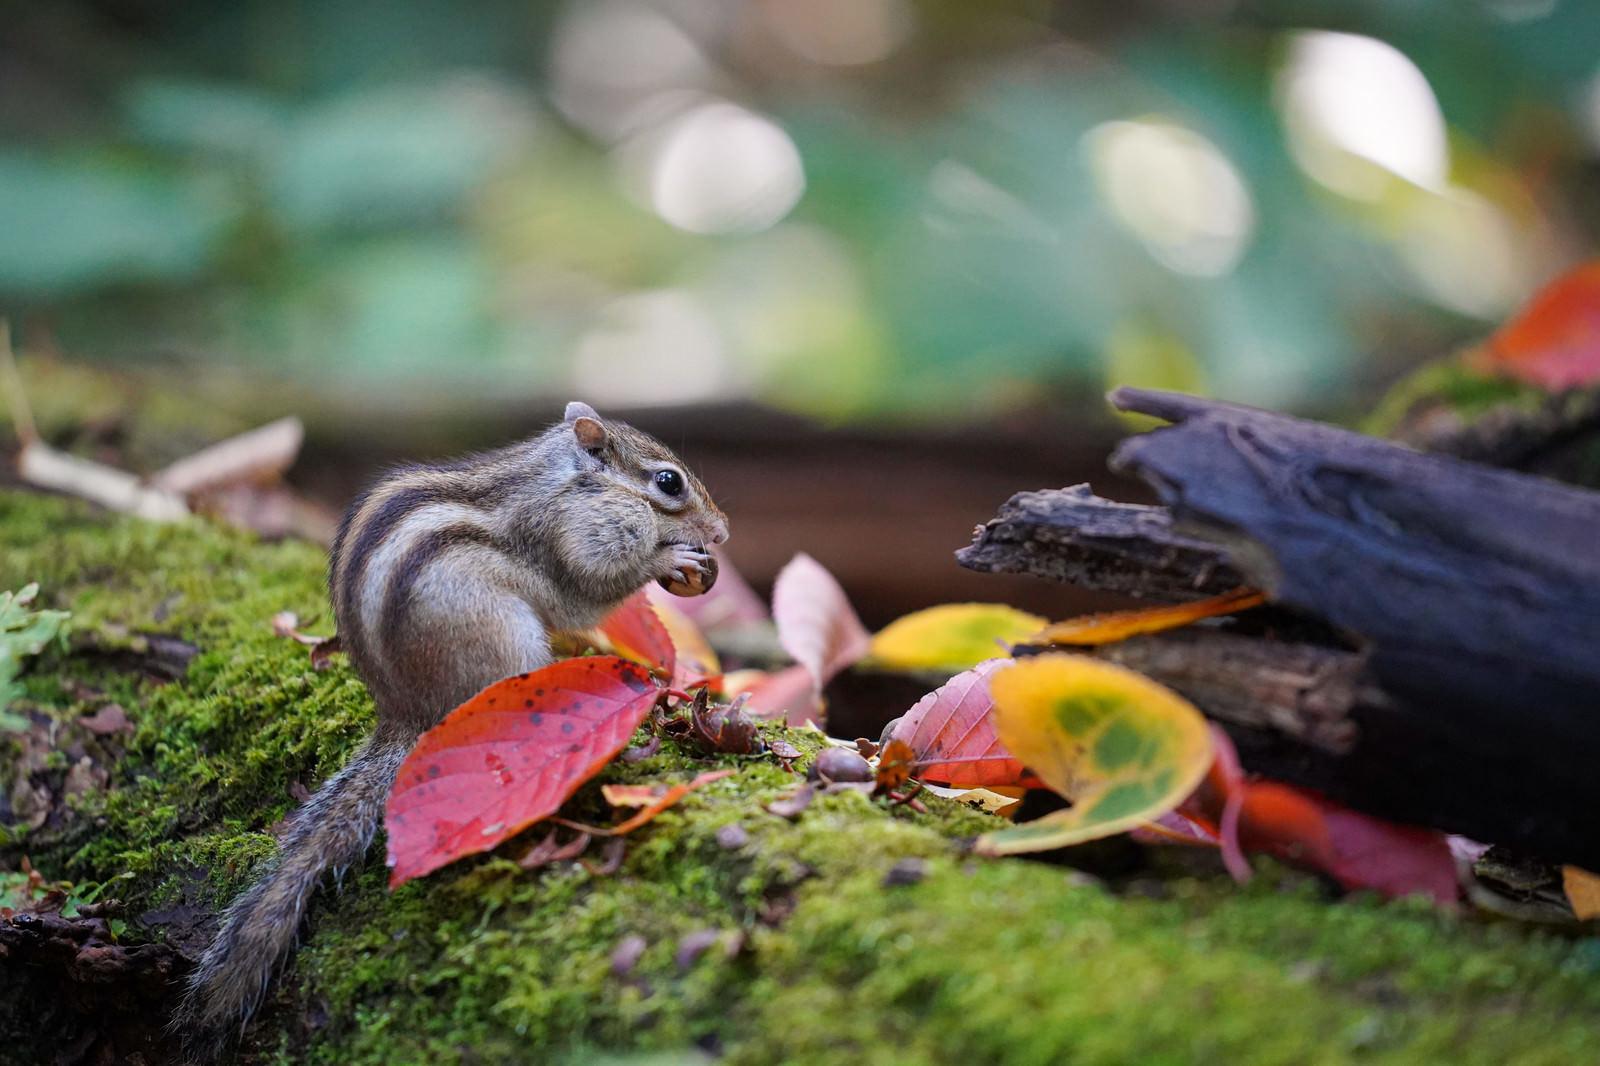 「口にナッツを詰め込むシマリス」の写真